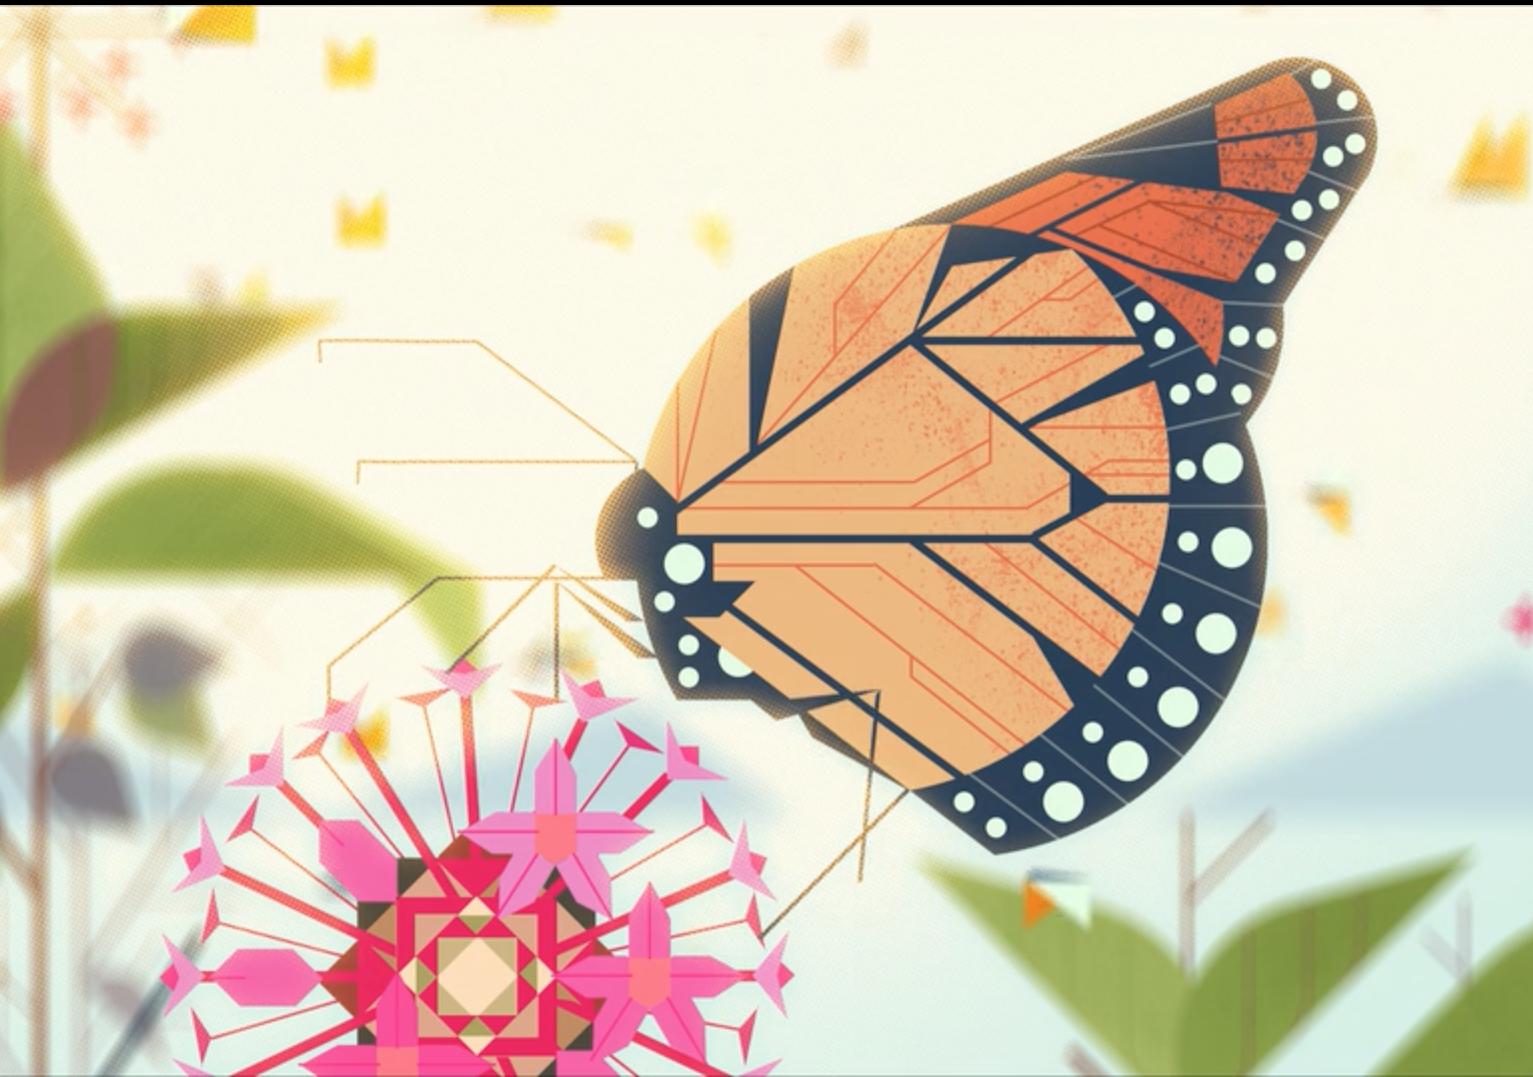 Les Formes Géométriques Dans La Nature : Un Film D'animation à Les Formes Geometrique